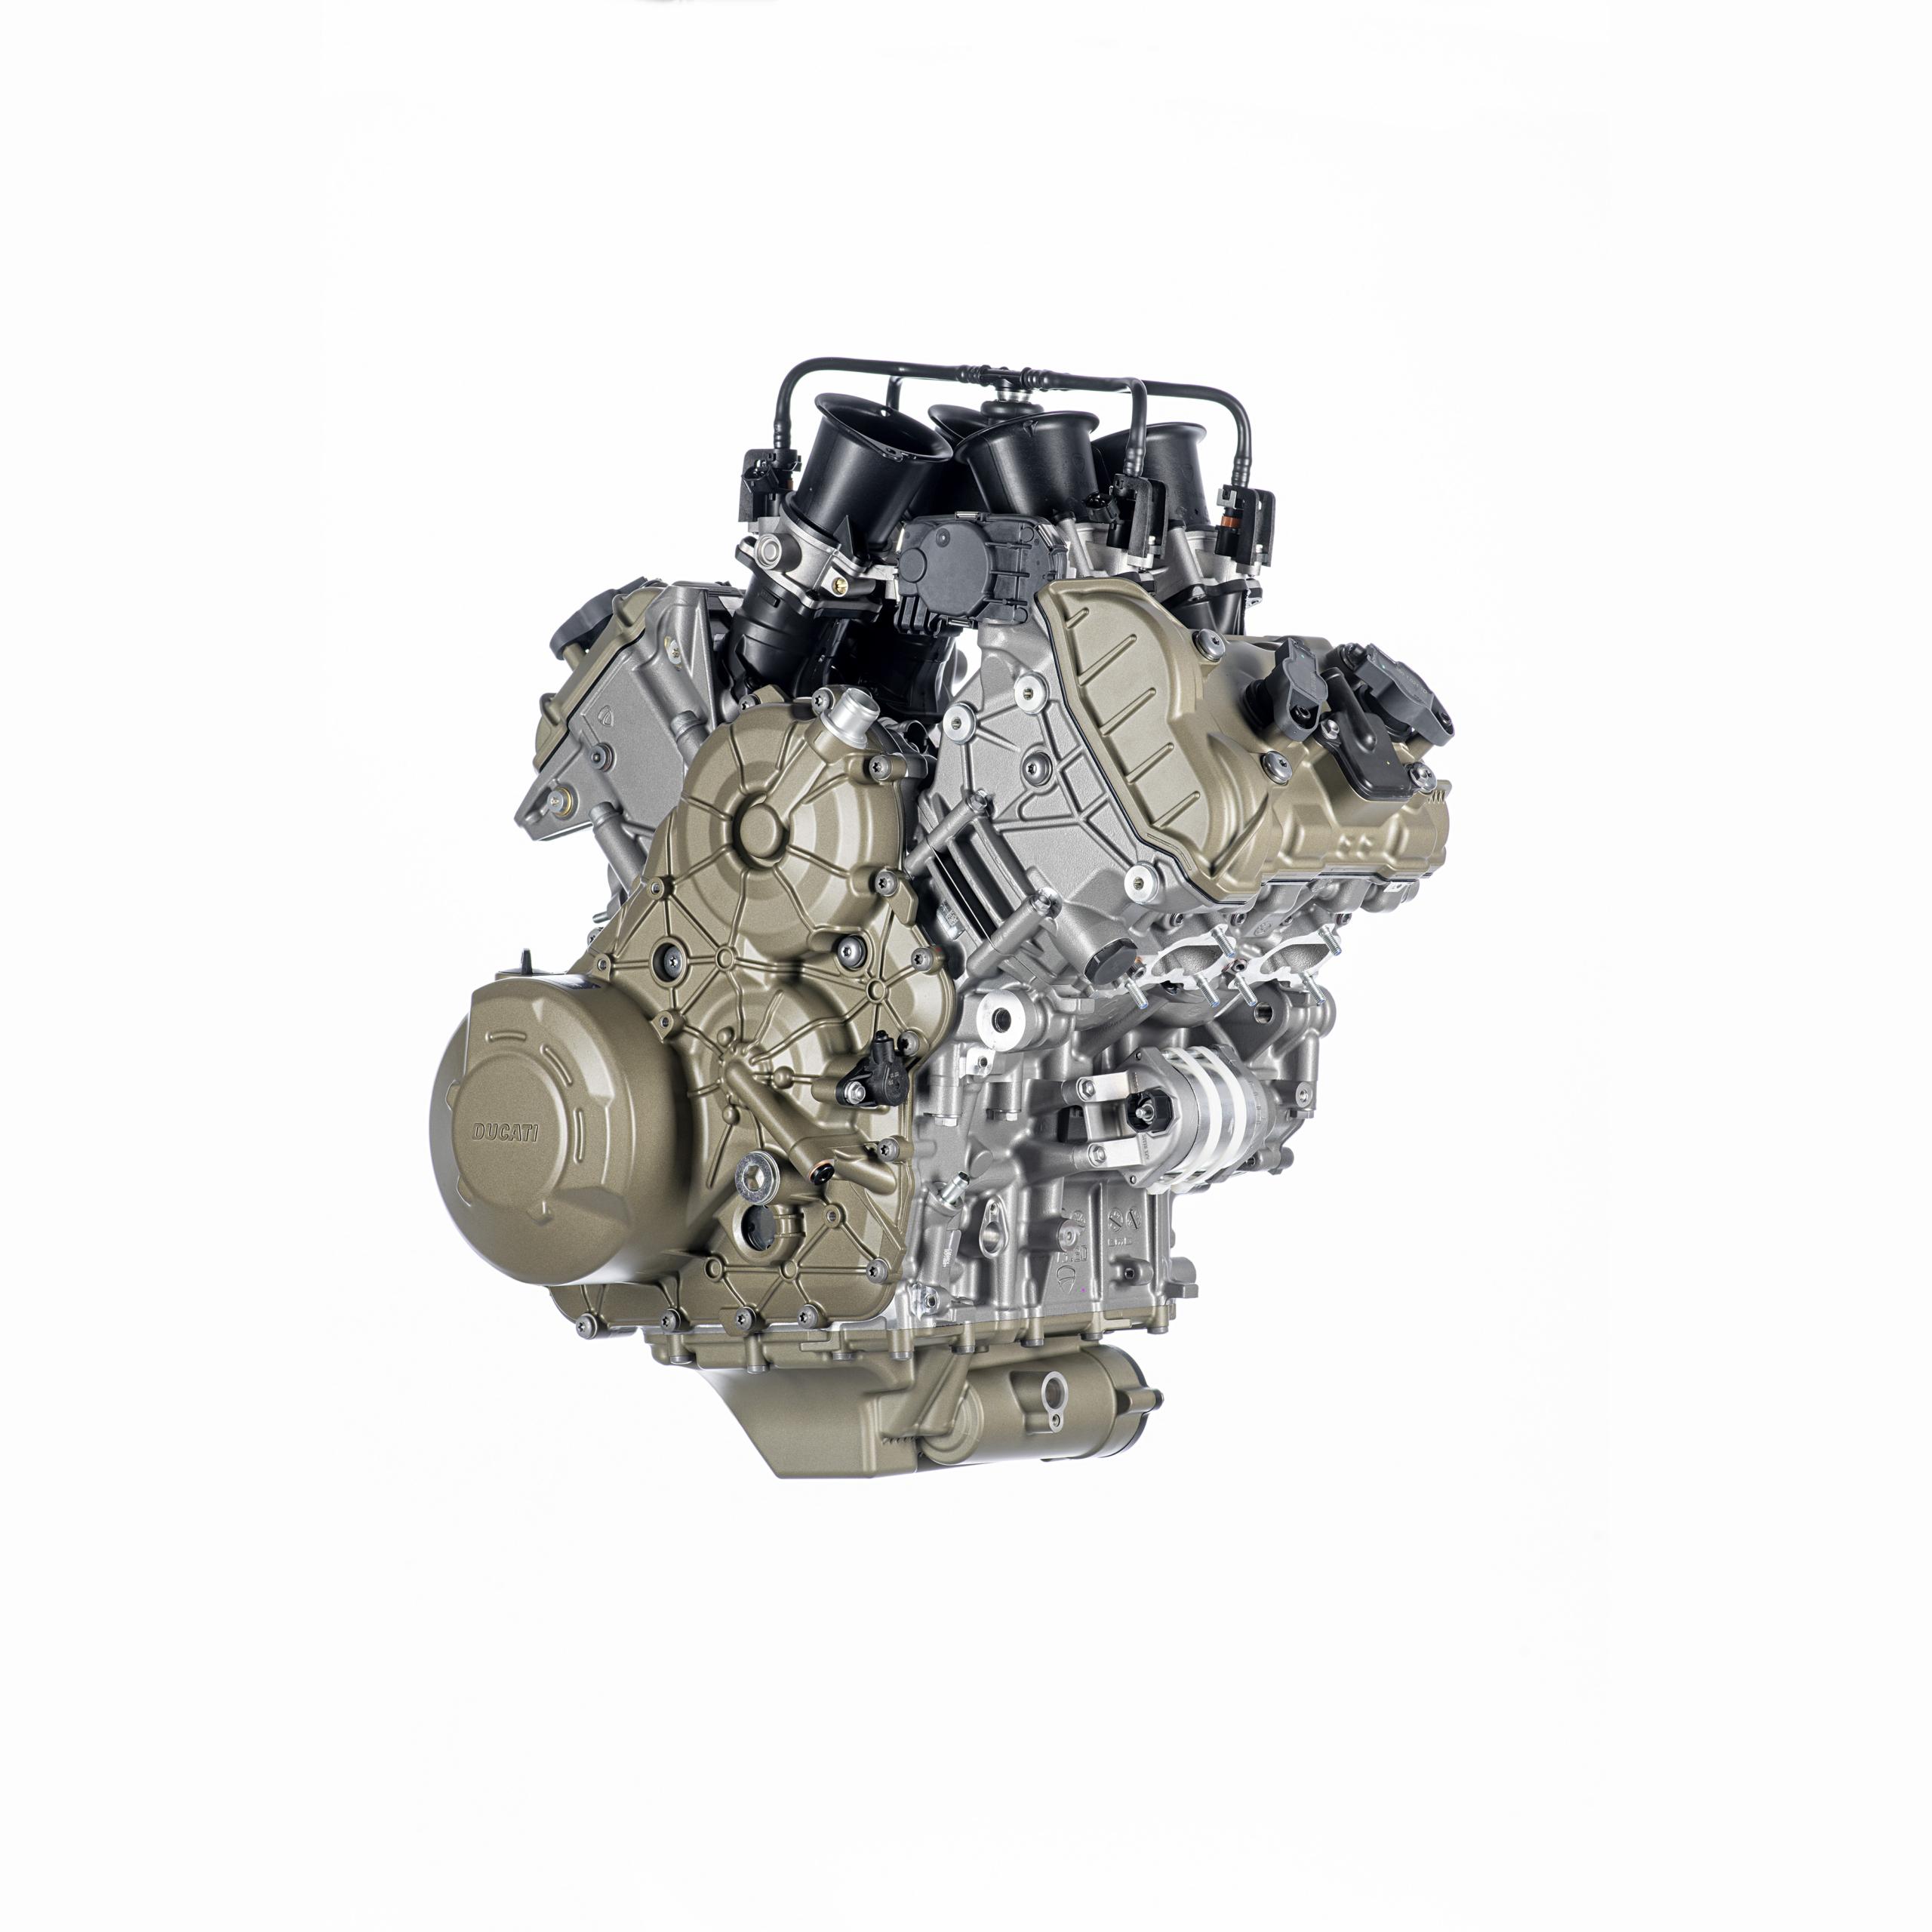 V4 Granturismo: el nuevo motor de la saga Ducati Multistrada